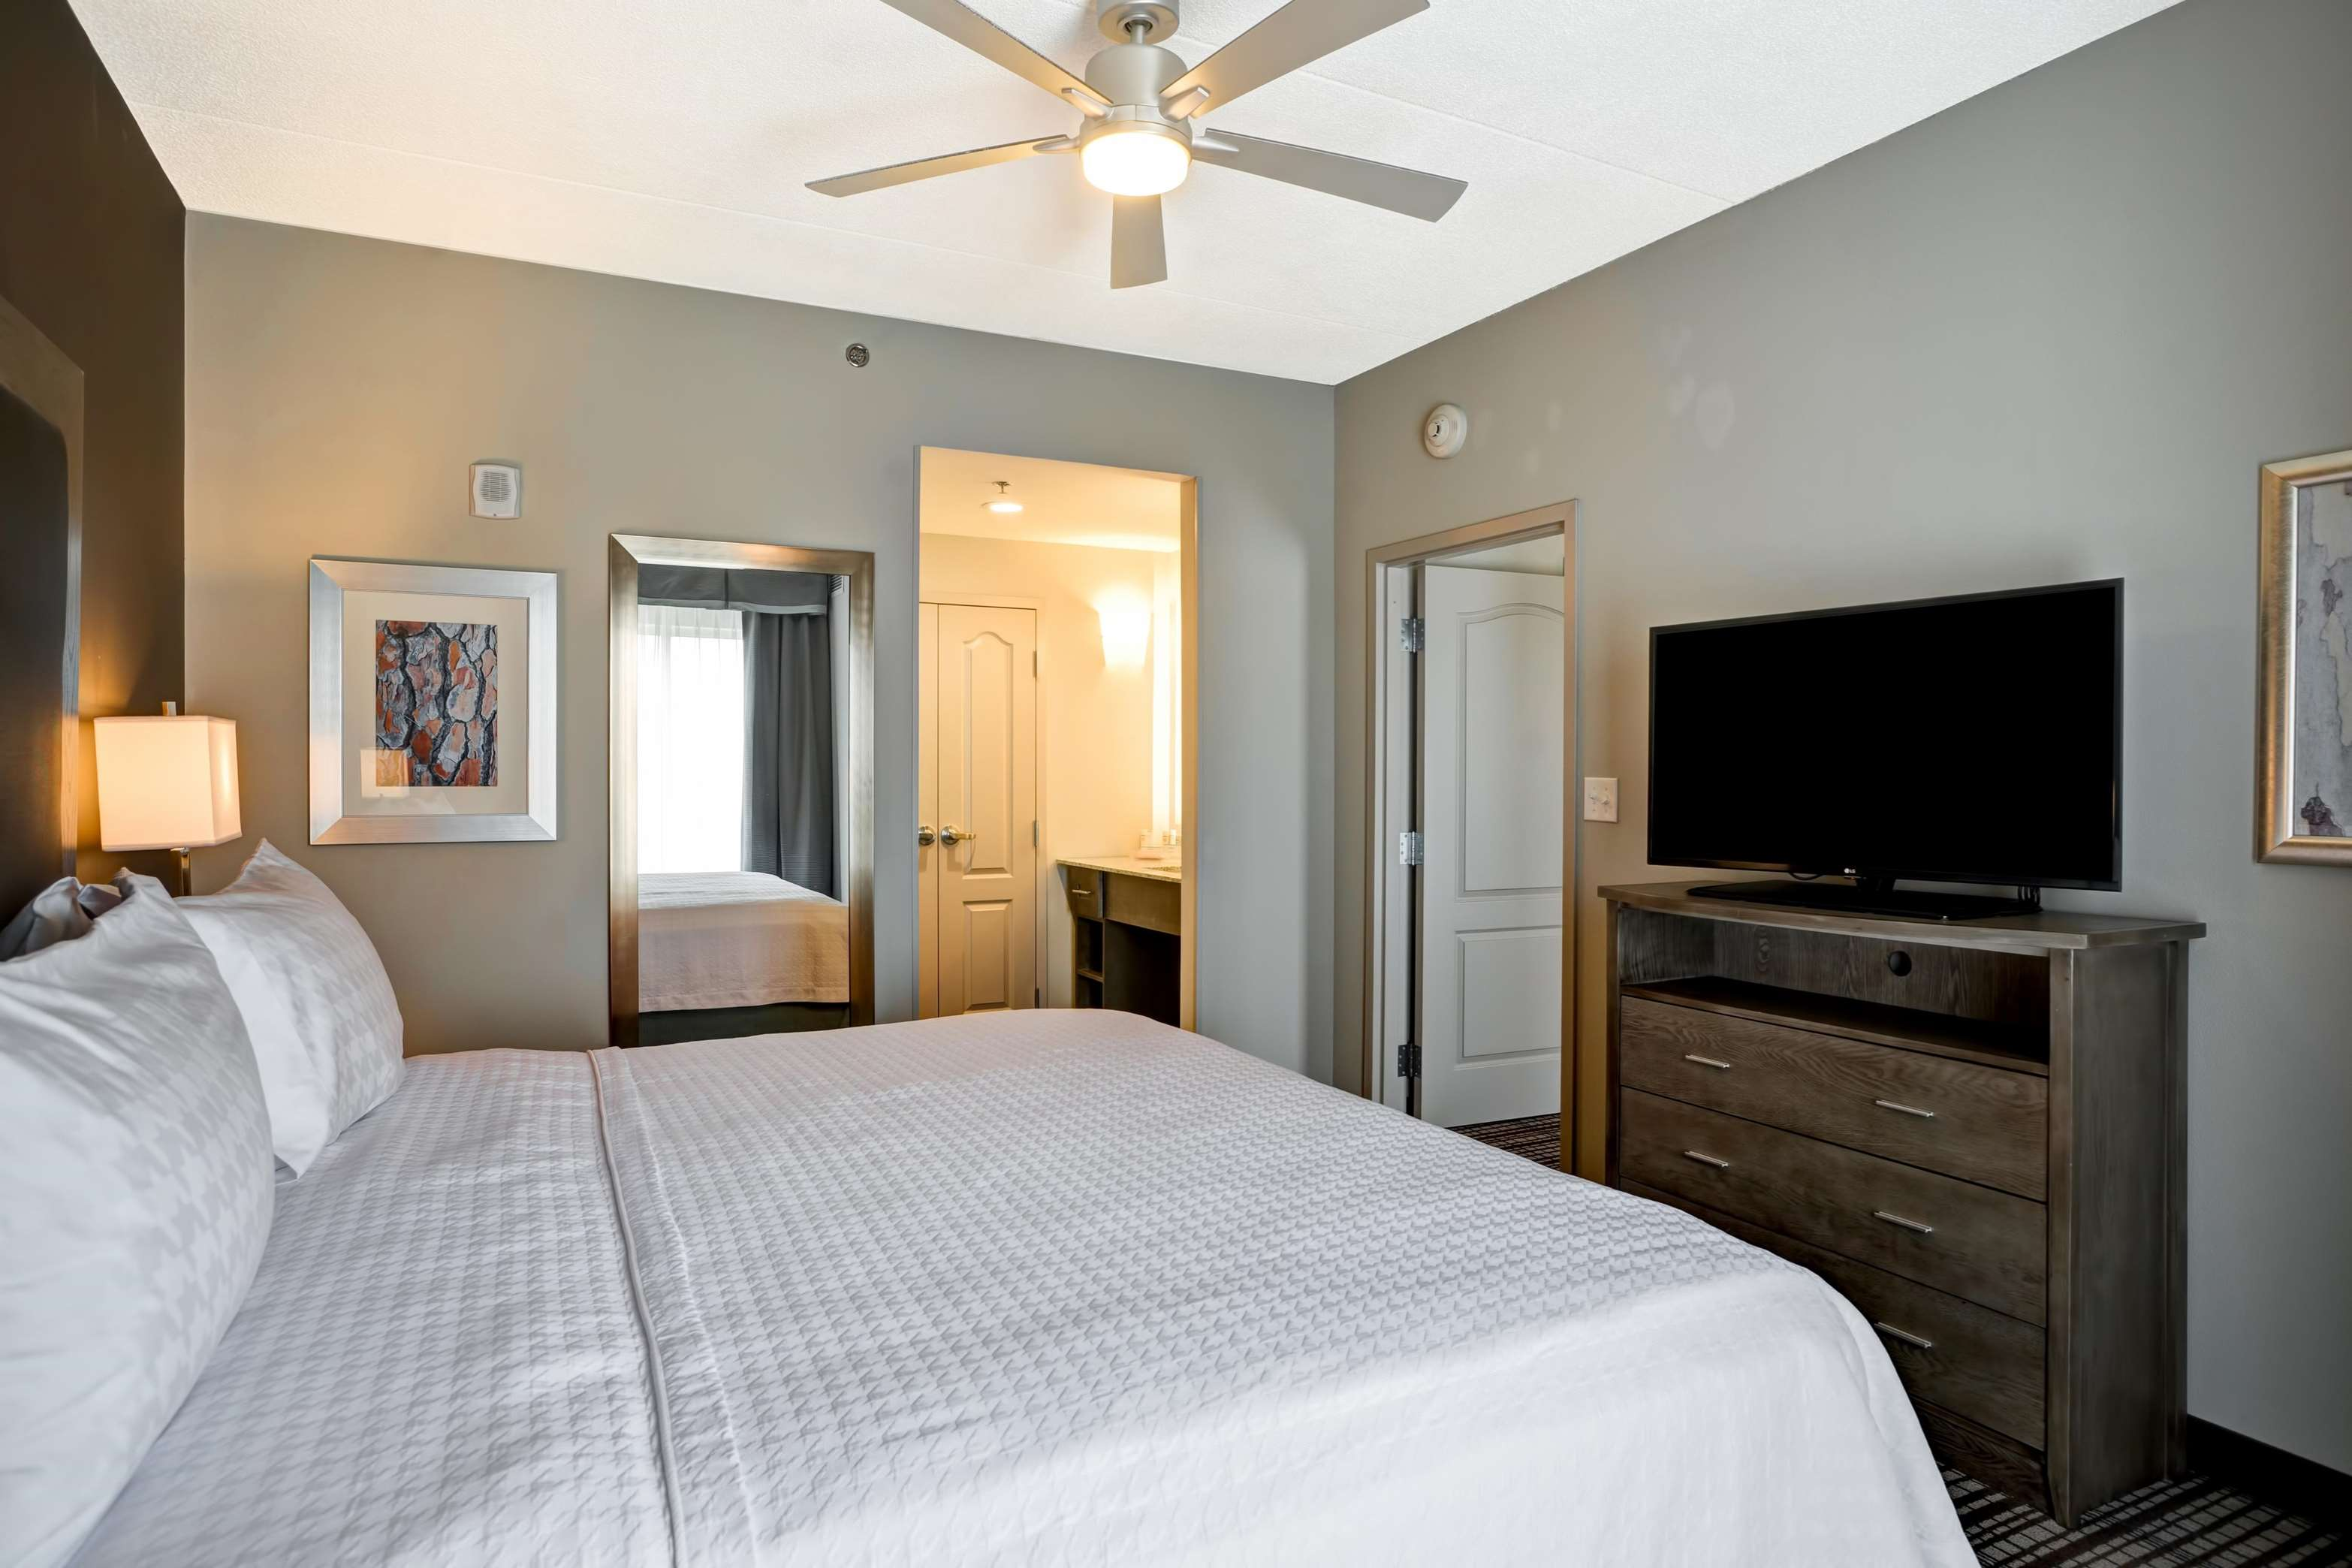 Homewood Suites by Hilton Nashville Franklin Cool Springs image 7